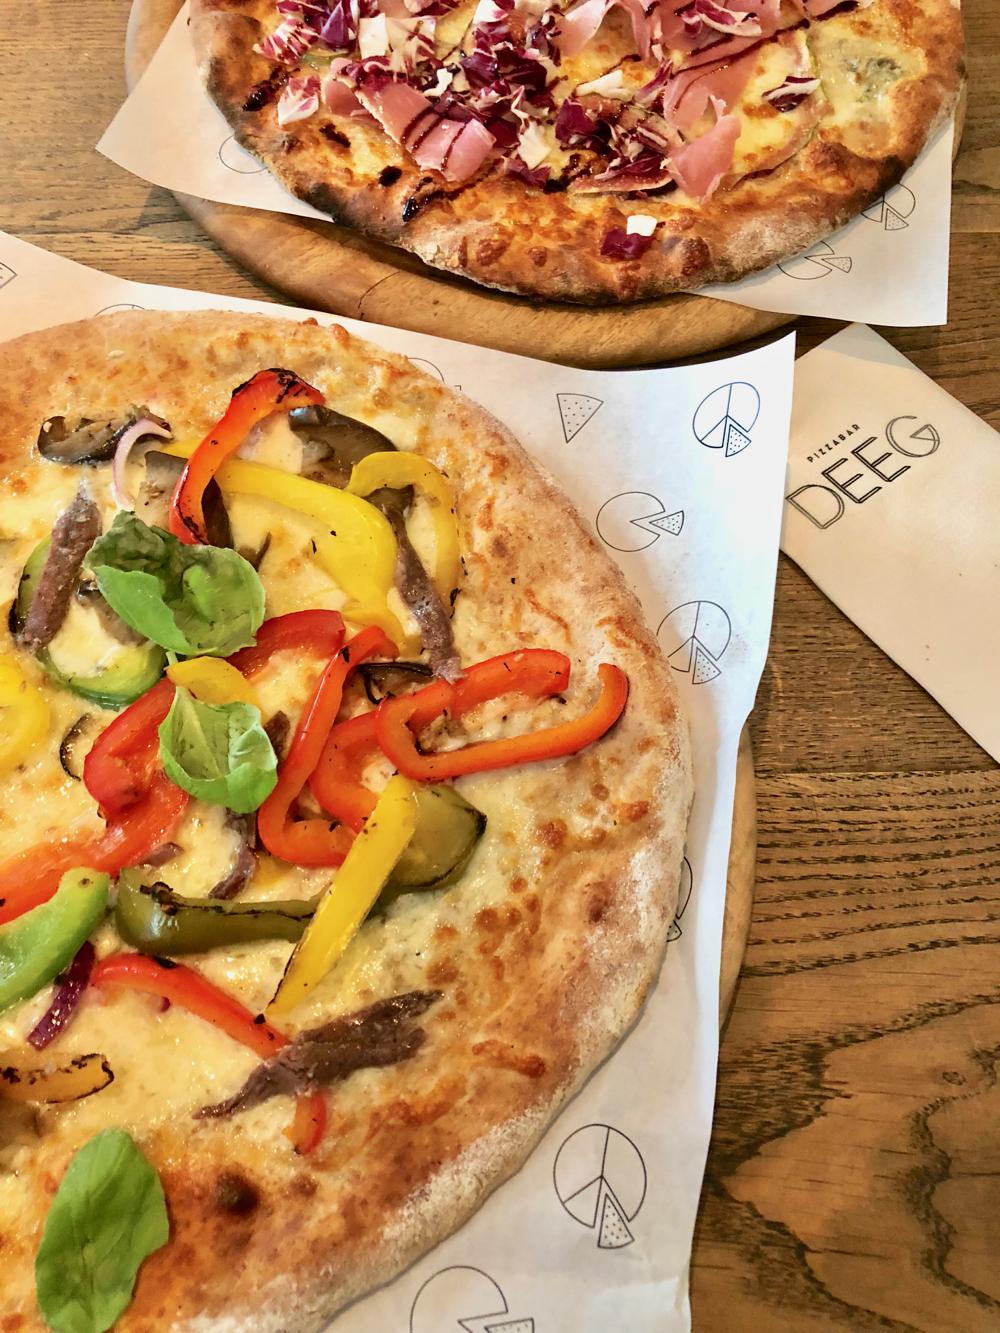 Zo'n lekker adres in Den Bosch. De pizza's van DEEG, net even anders dan anders.